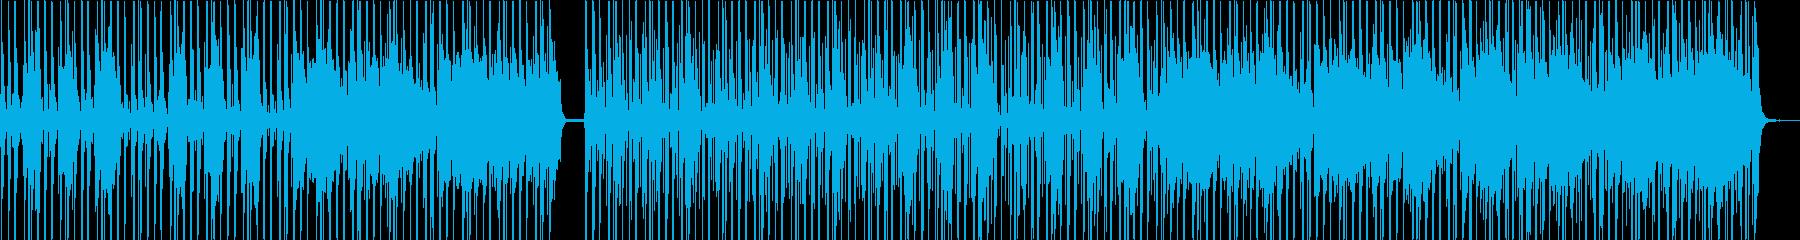 リズミカルでヘビーなシンセサウンドの再生済みの波形